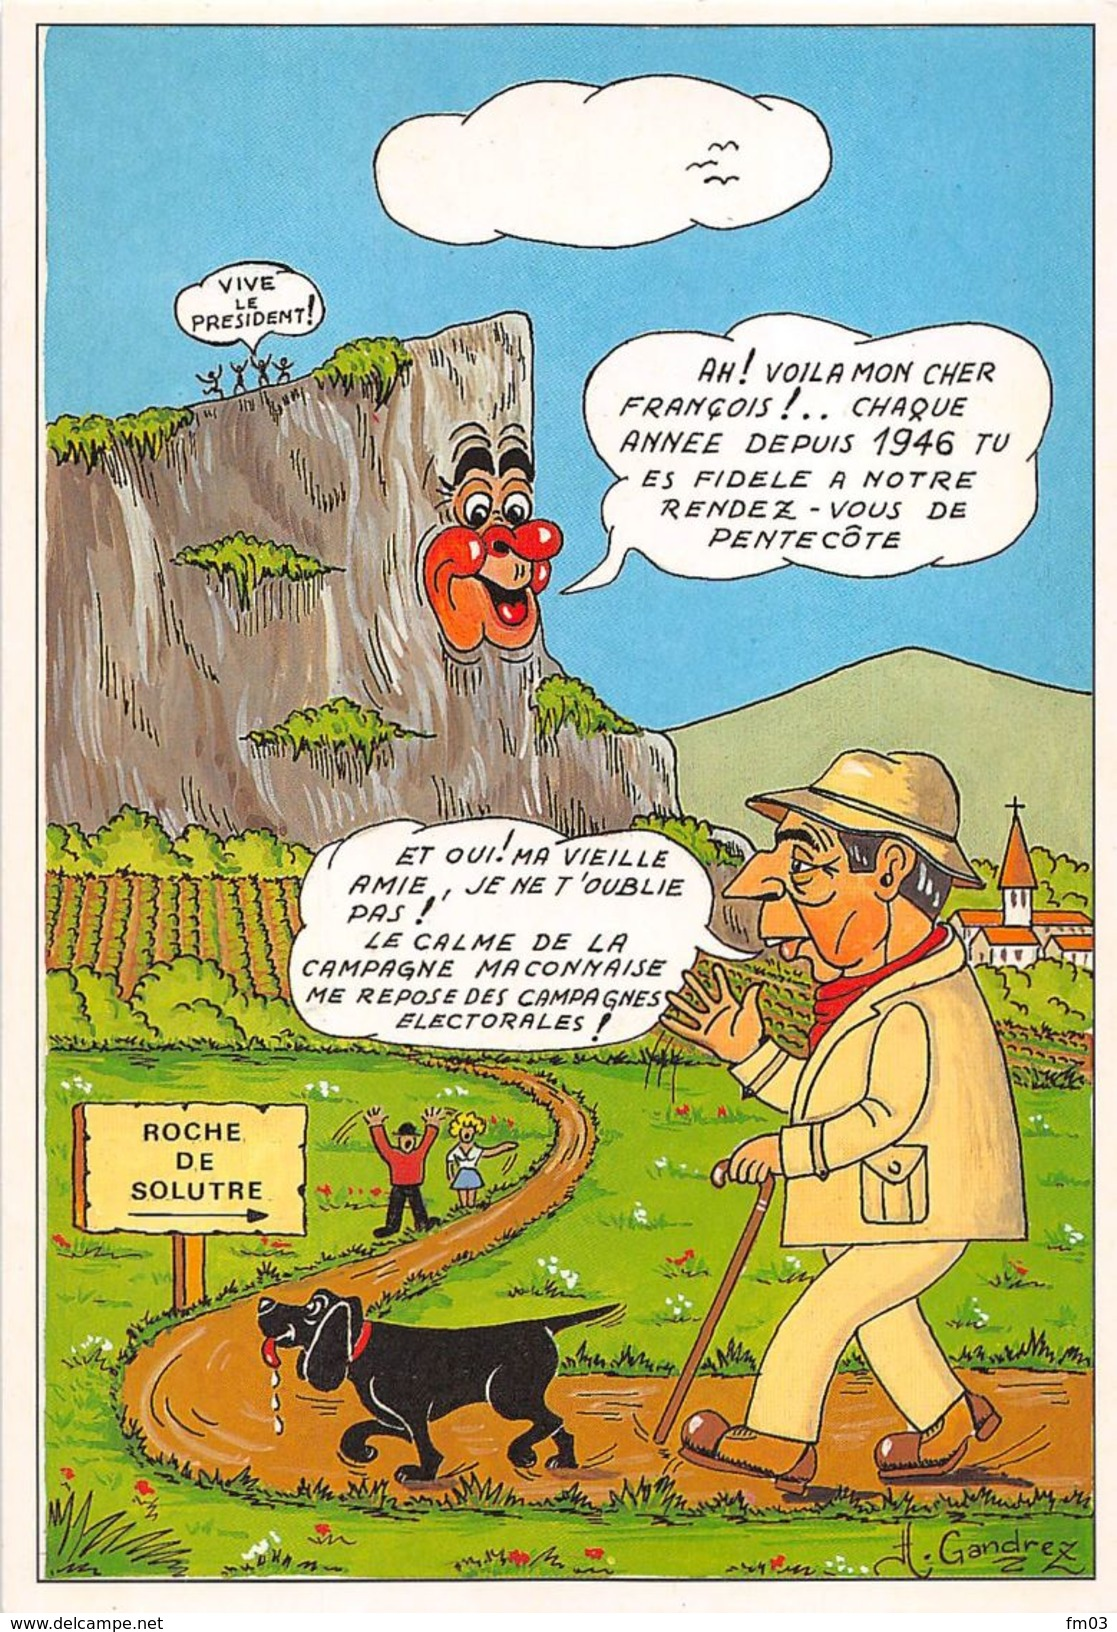 Solutré Canton Mâcon Mitterand Signée Par Illustrateur Henri Gandrez Cluny - France